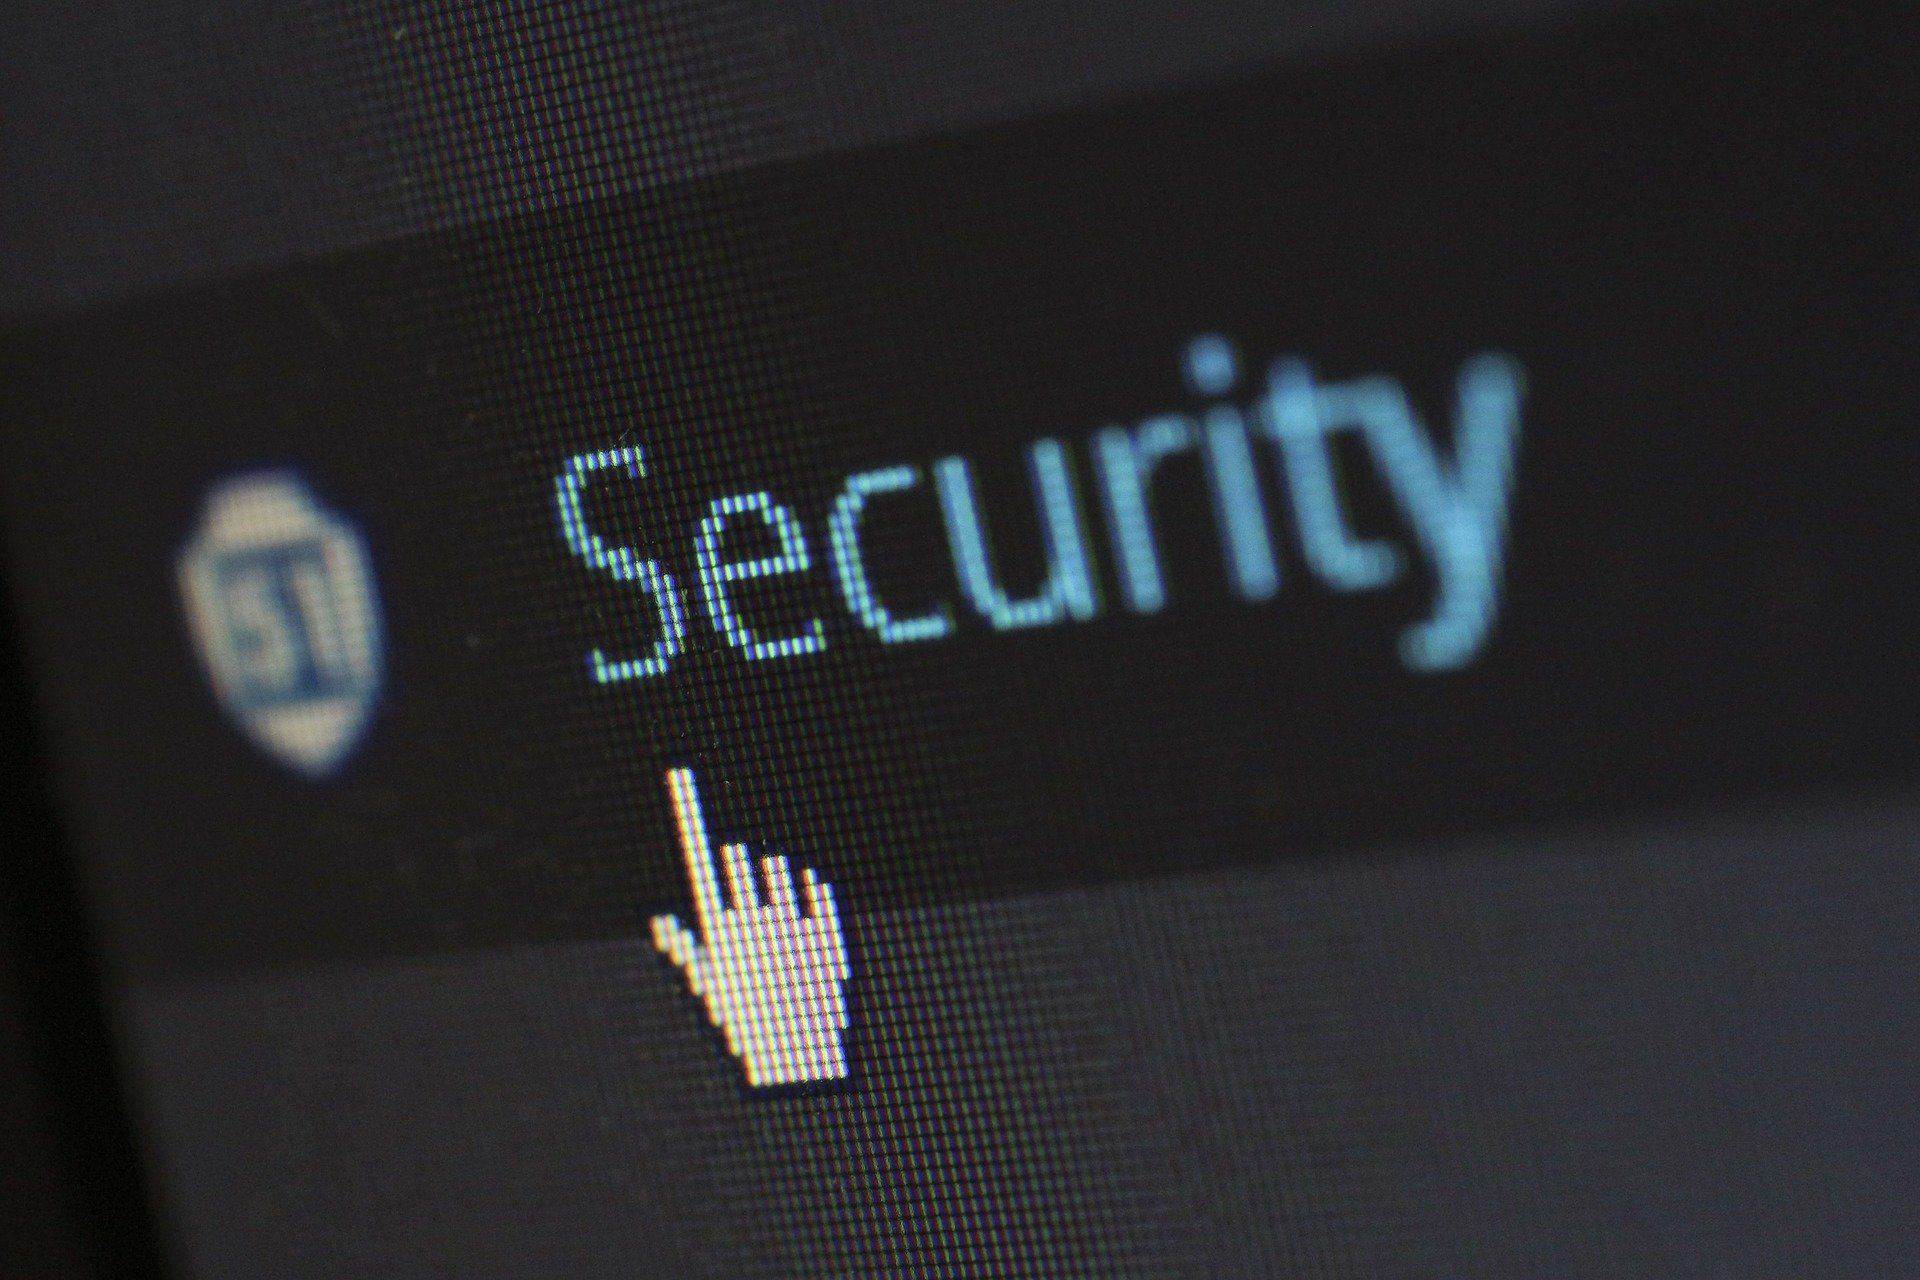 Hacker skikkerhed